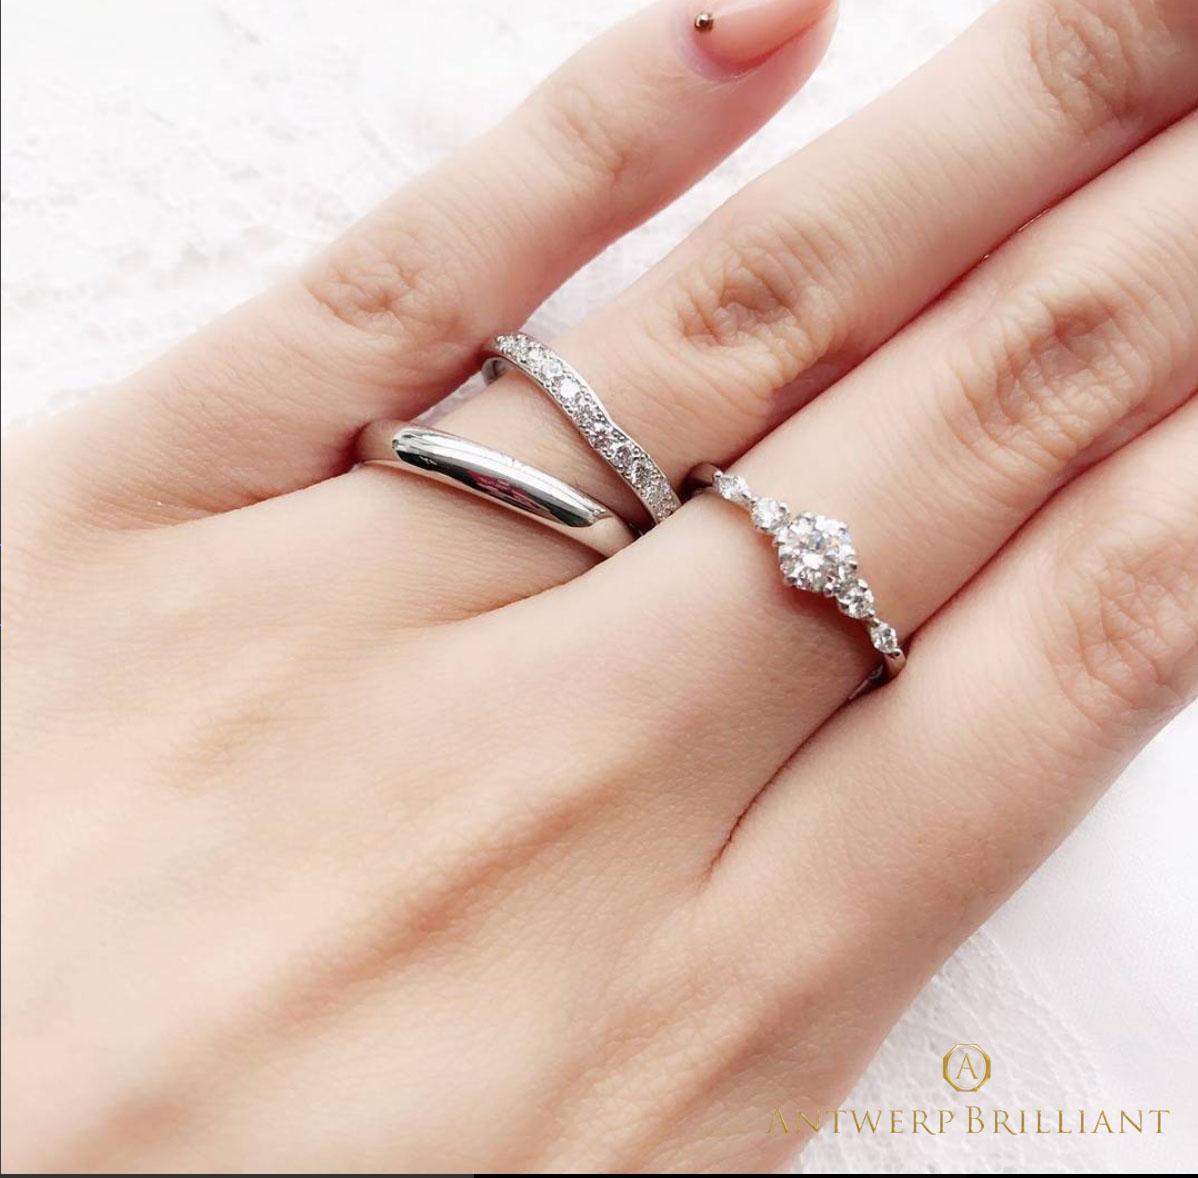 銀座 プロポーズ Ⅴ字デザイン ダイヤモンドライン 上品 華やか 重ね付け 婚約指輪 結婚指輪